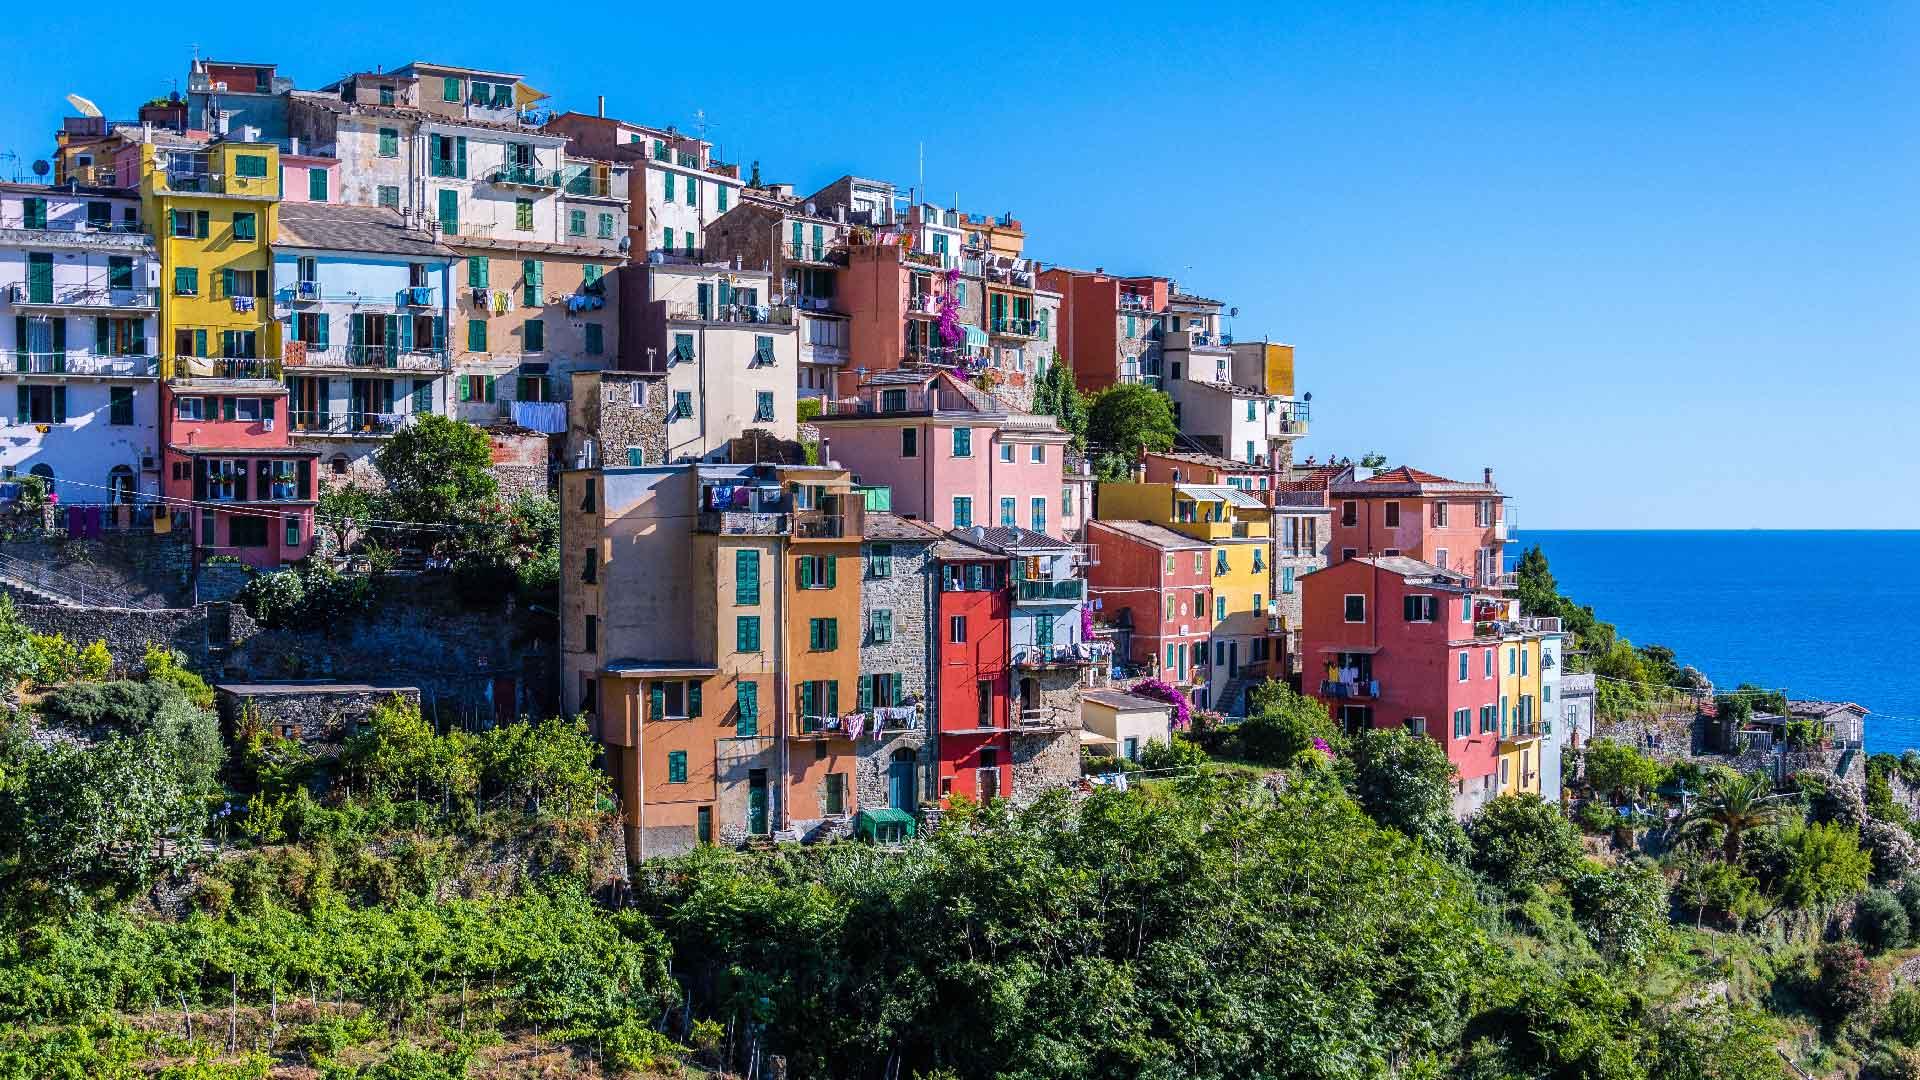 Corniglia Riomaggiore, Residence La Frontiera, Cinque Terre